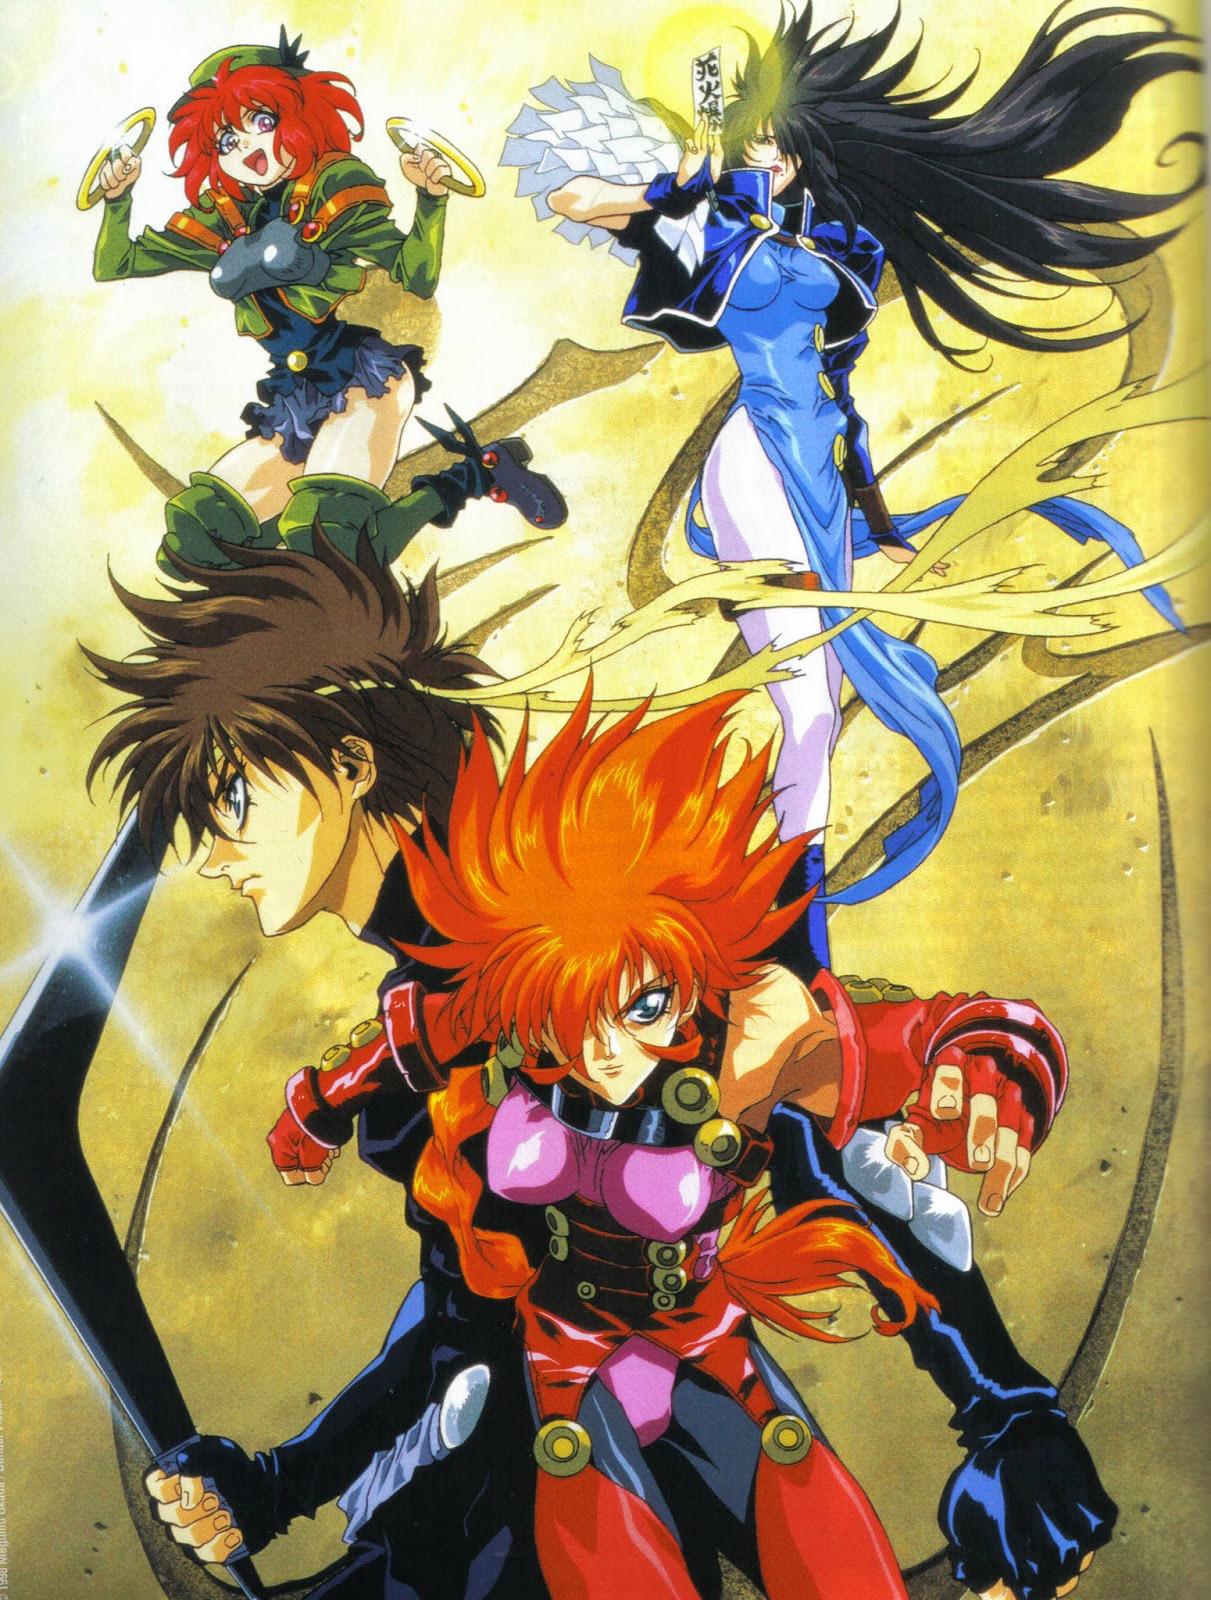 El manga Shadow Skill de Megumu Okada finaliza tras 24 años en circulación El autor del reconocido mangaShadow Skill,Megumu Okada, ha anunciado en su cuenta de Twitter oficial que ha puesto fin a su obra, sin embargo, será el comienzo de otra todavía sin anunciar. Ha agradecido a sus fans por apoyo que le han proporcionado durante los 24 años que ha durado su publicación. Okada comenzaba Shadow Skill como un manga autopublicado, pasando a publicarlo en la revista Comic Gammaen 1992. En 1996 la obra pasaba a publicarse en la Monthly Dragon Juniory, debido al cierre de la revista, volvió a tener otro traslado en 2006 a la Monthly Afternoon. Tras ser pausado por largo tiempo, el autor retomaba la obra tres años más tarde, en el año 2009, pero publicando solo un capítulo cada dos meses. La editorial Fujimi Shobo publicó el décimo tomo recopilatorio del manga el pasado año.La obra fue adaptada también al anime en 1998 con 24 episodios y 3 OVAs. Actualmente Okada se encuentra trabajando en el manga Saint Seiya Episode G ~ Assassin con Masami Kurumada en el número 43 de la revista Champion RED Ichigo el próximo 5 de abril. Vía ANN